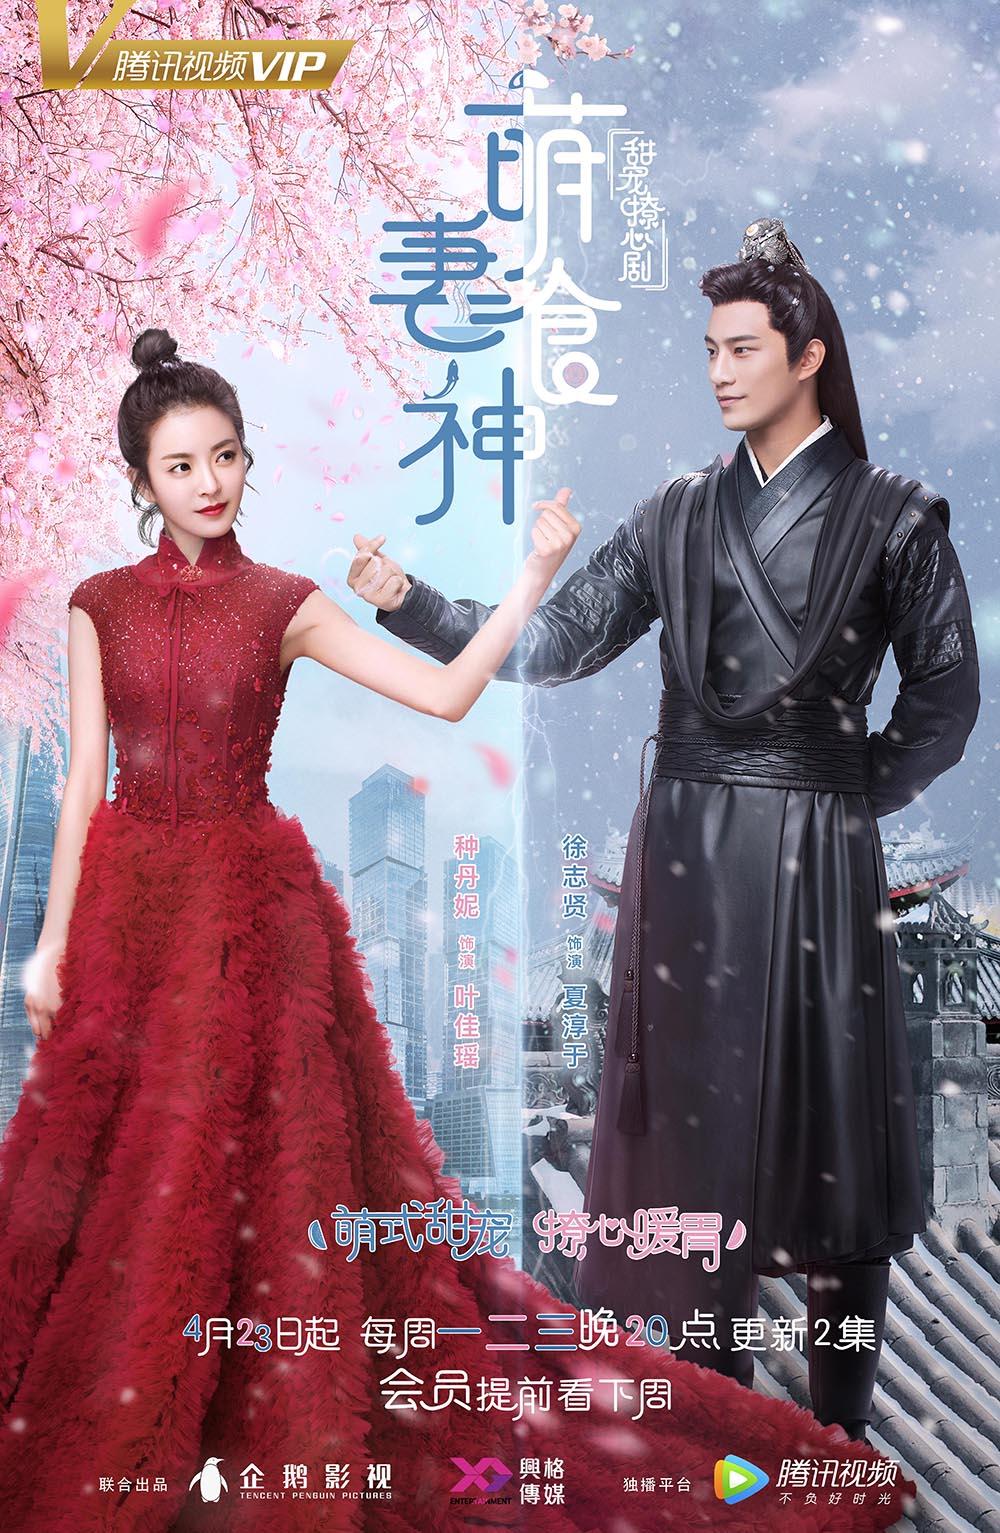 Phim Trung Quốc xuyên không: Manh thê thực thần